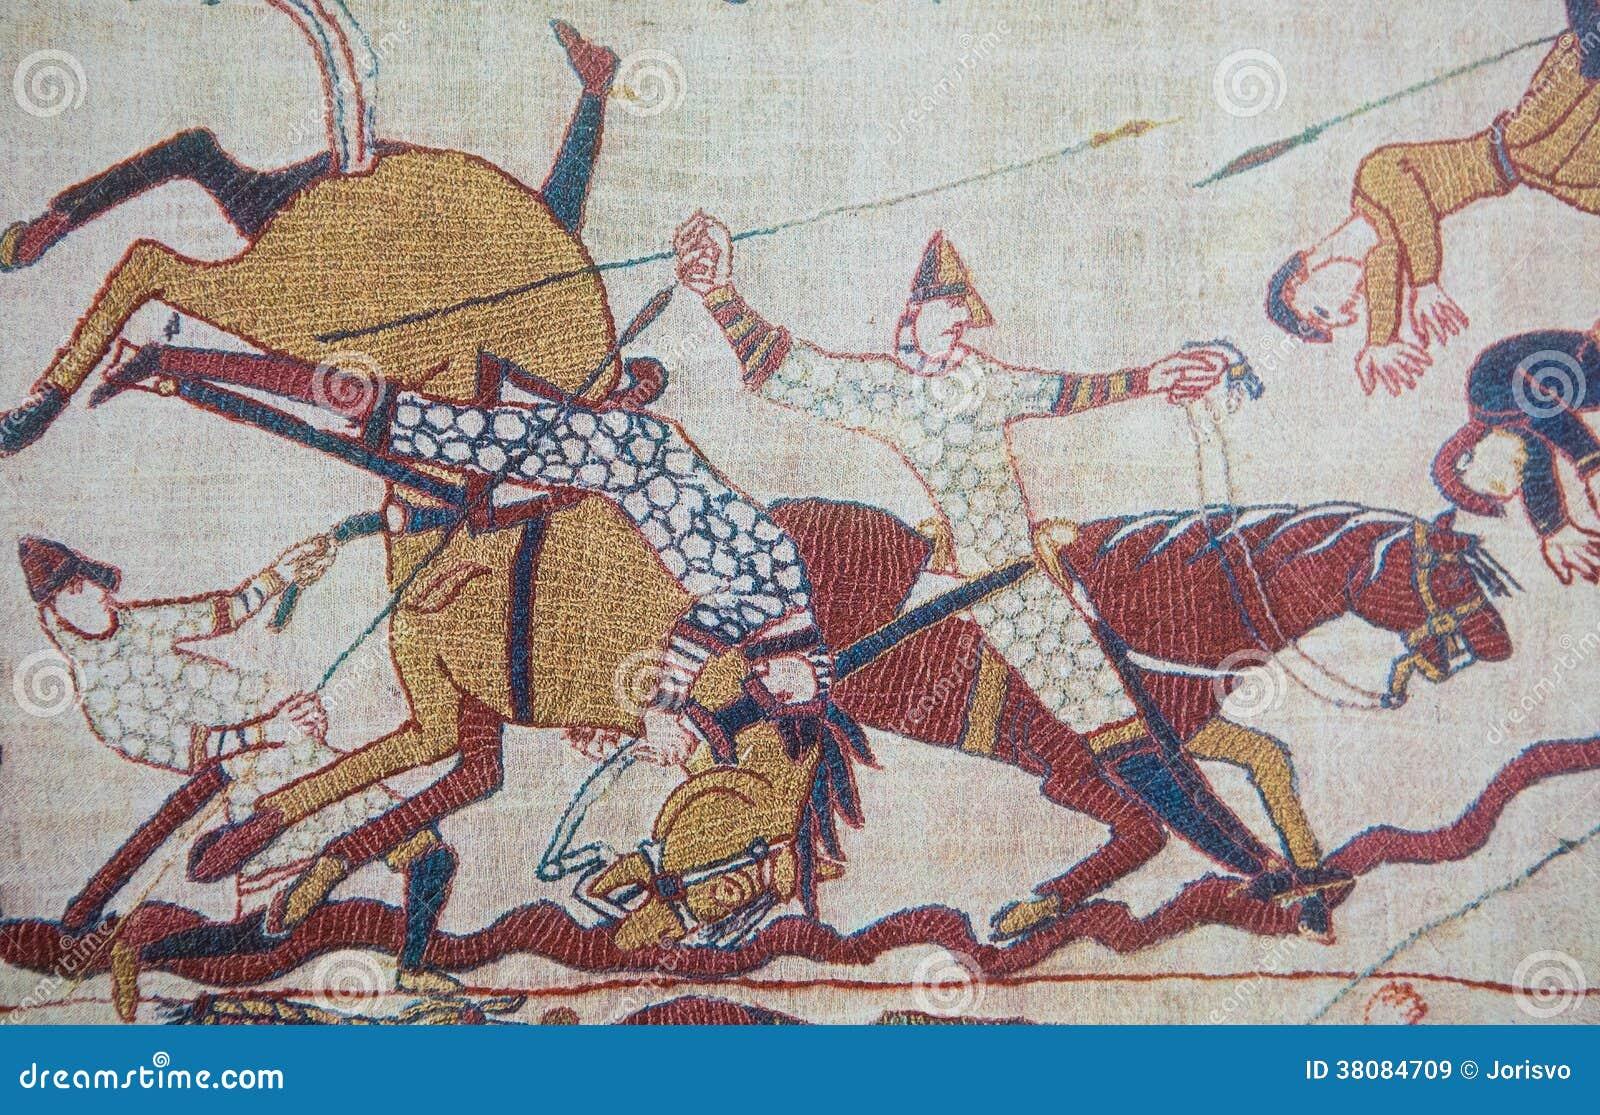 Tapisserie de bayeux image stock image du bayeux chevalier 38084709 - Tapisserie de bayeux animee ...